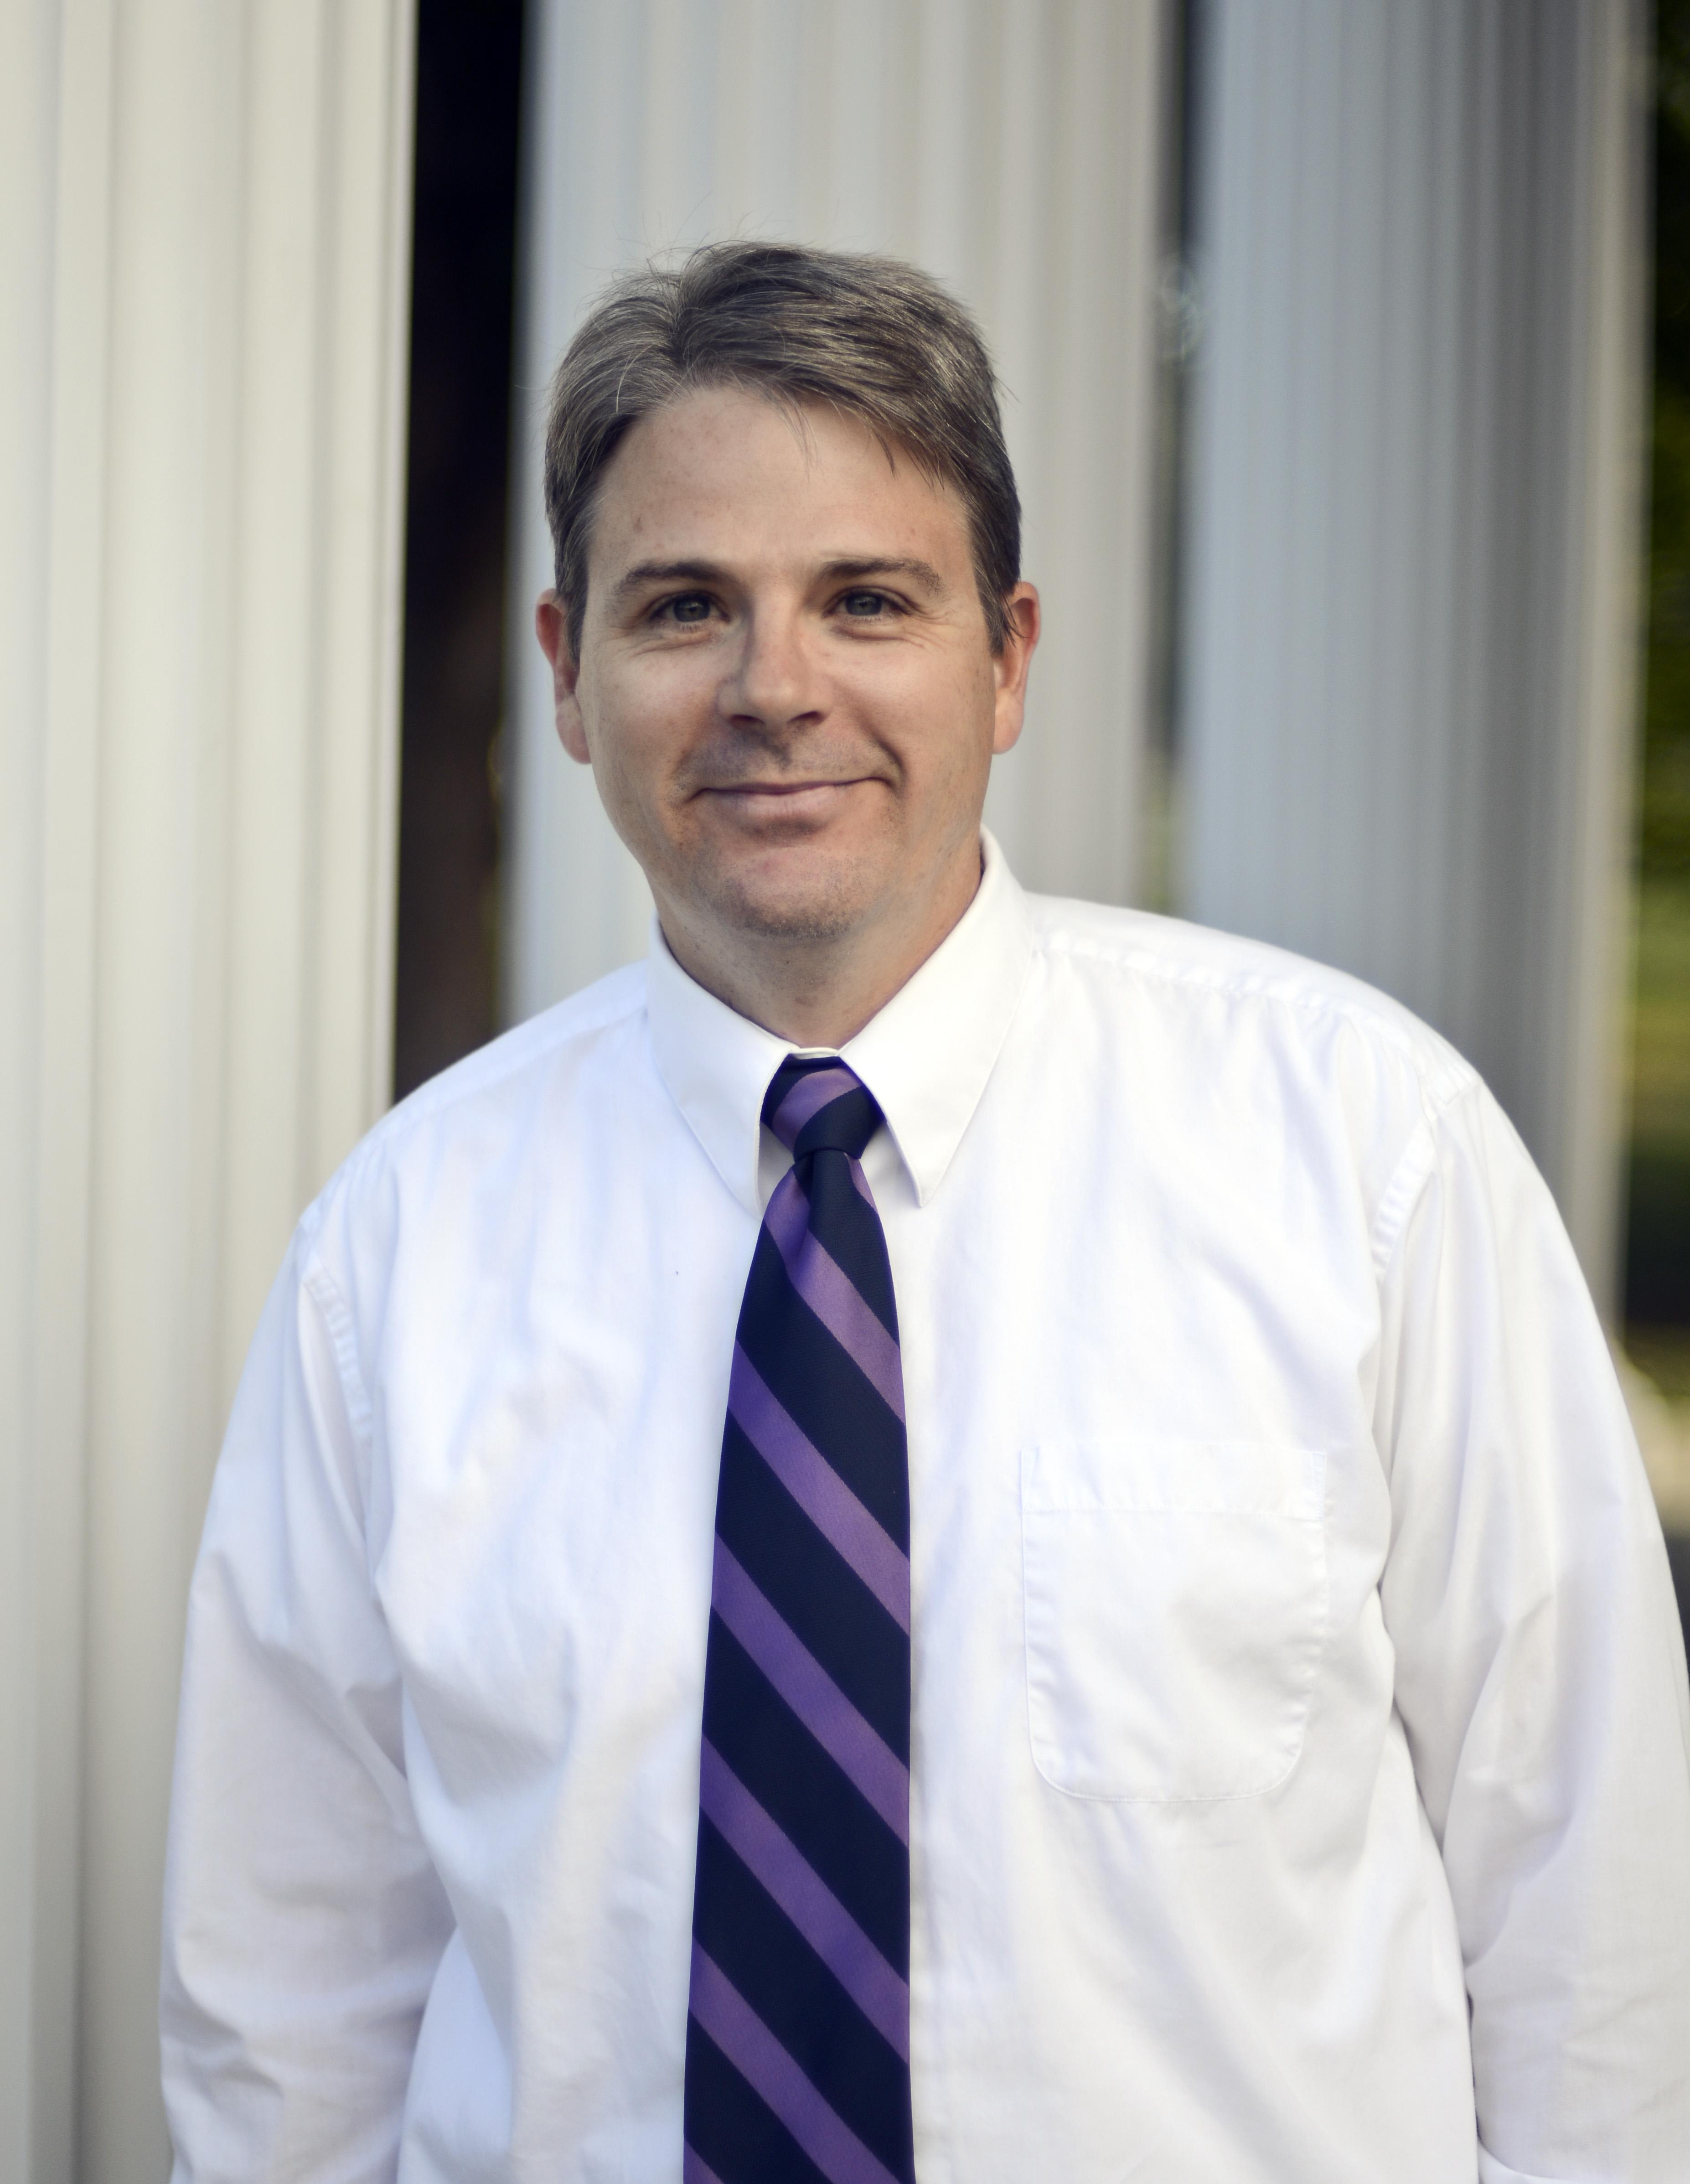 Mark Setzler